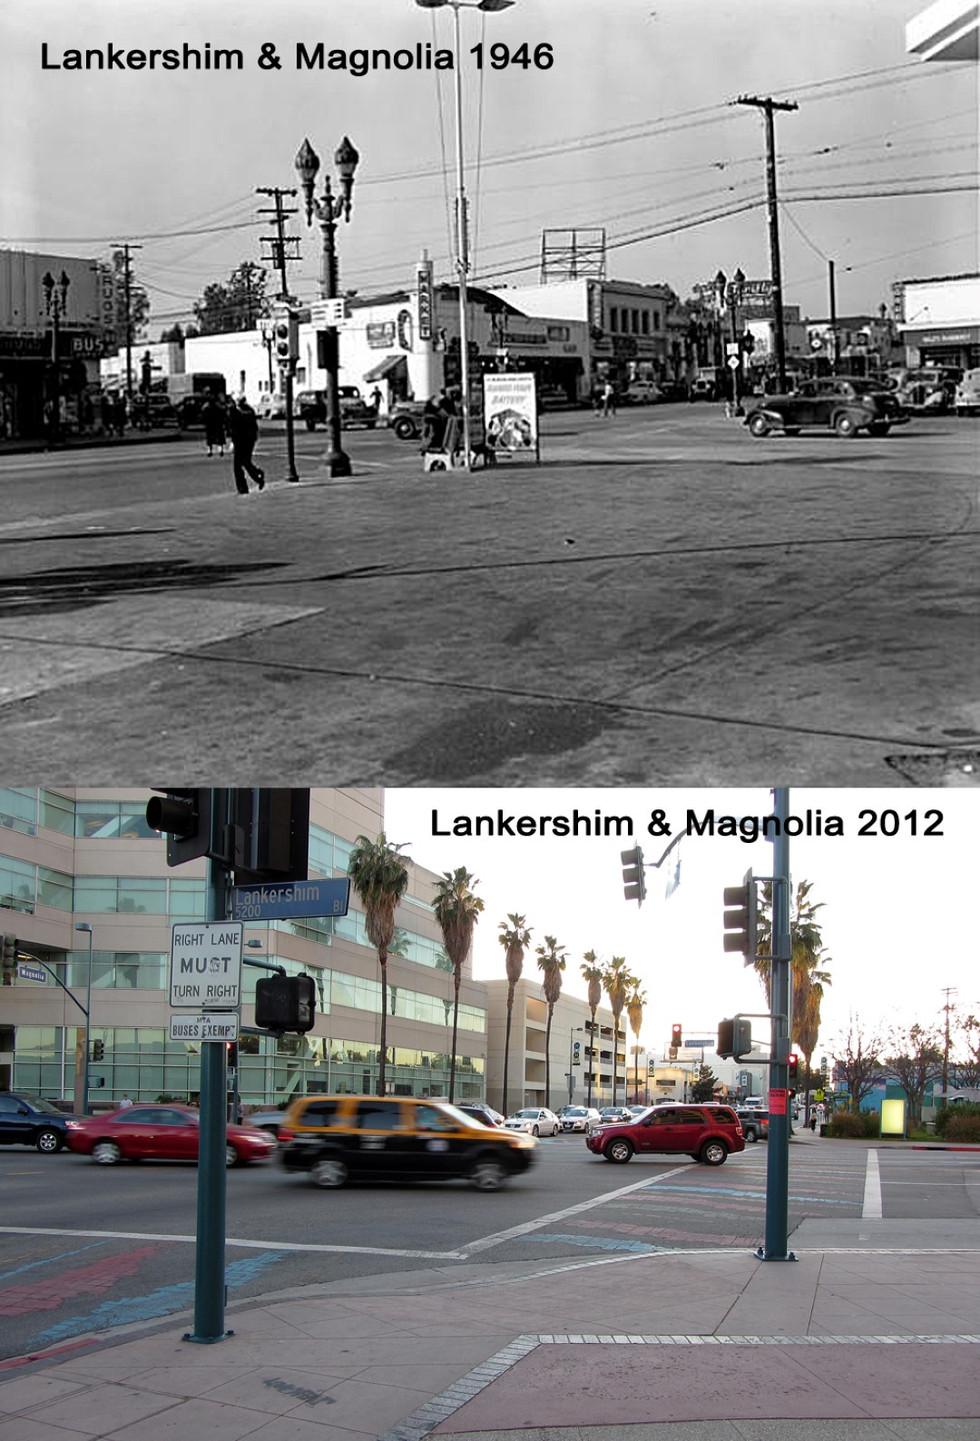 Lankershim & Magnolia 1946 & 2012